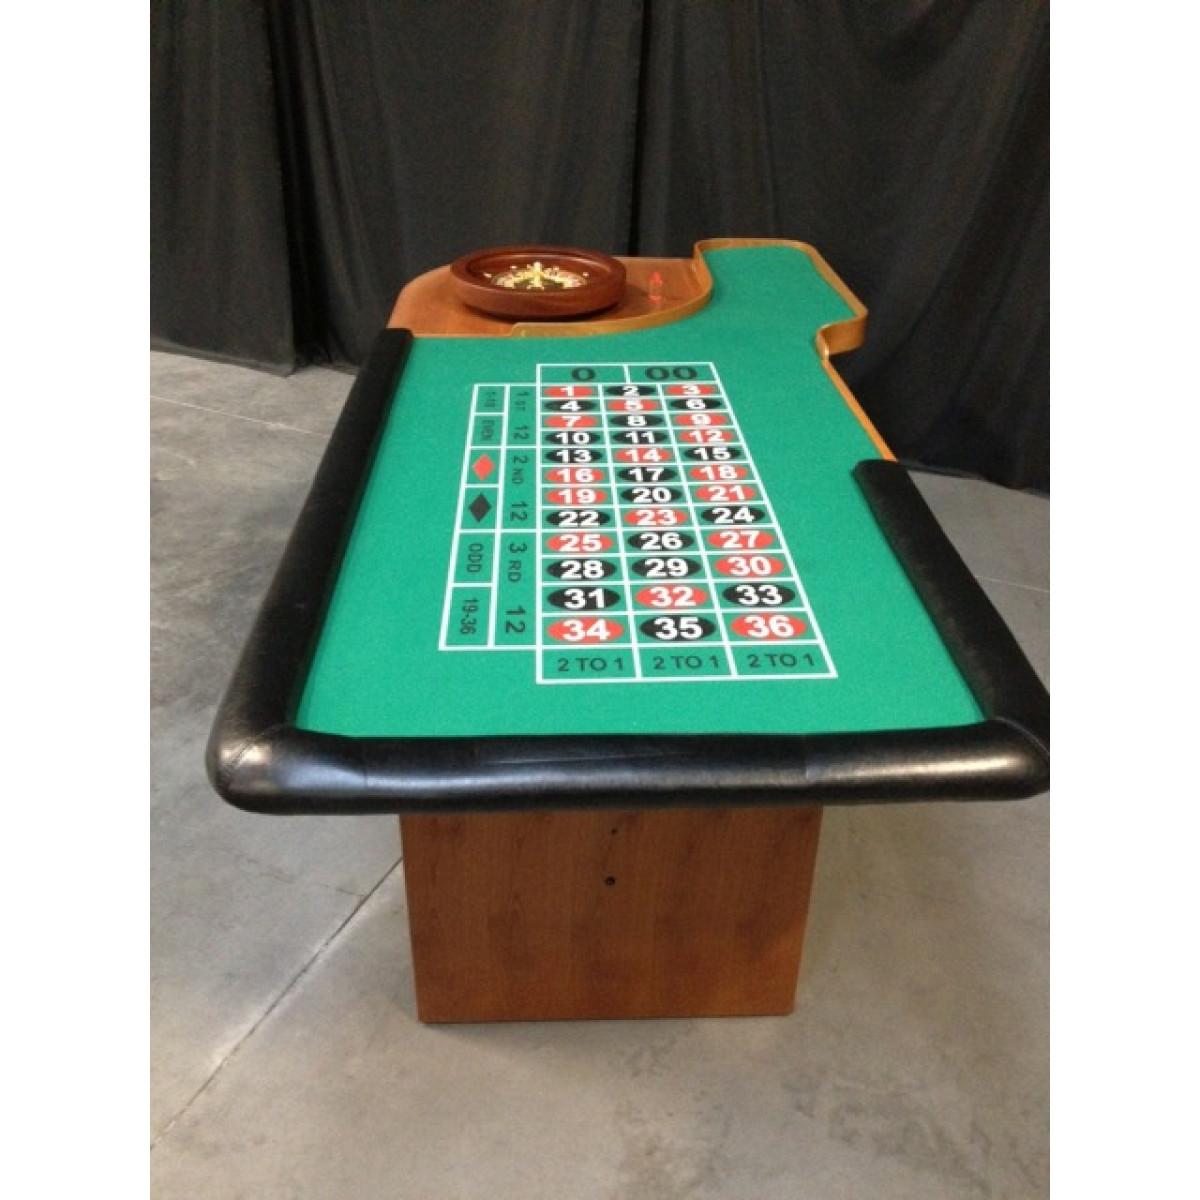 Roulette Tafel Te Koop.Op 1 Kopen Koop Winkelruimte Op Bleekstraat 1 Te Hengelo Gld De